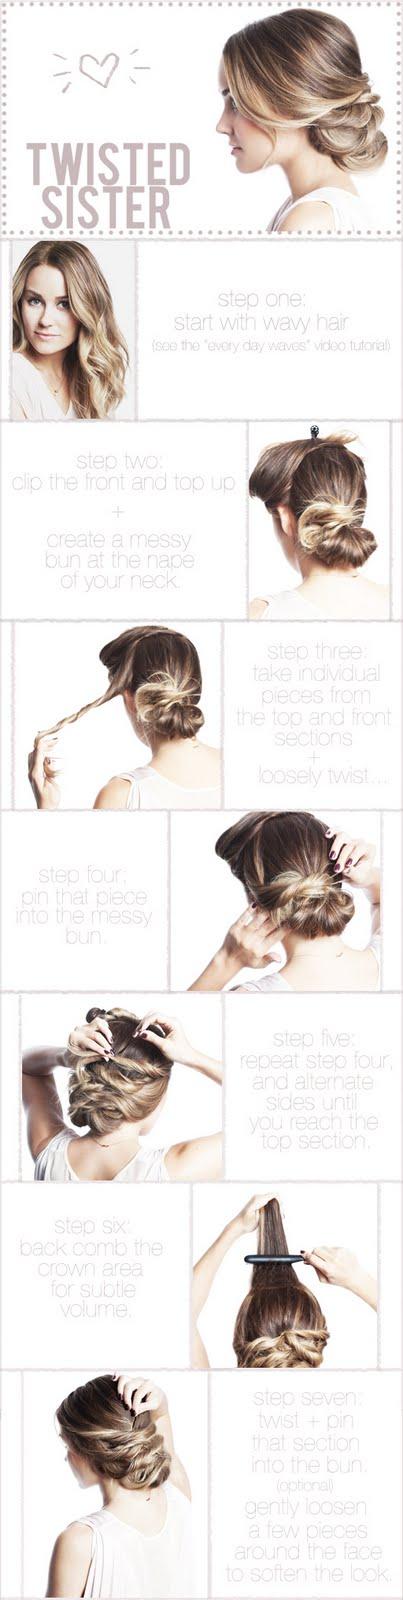 semplicemente perfetto acconciatura capelli tutorial hair raccolto